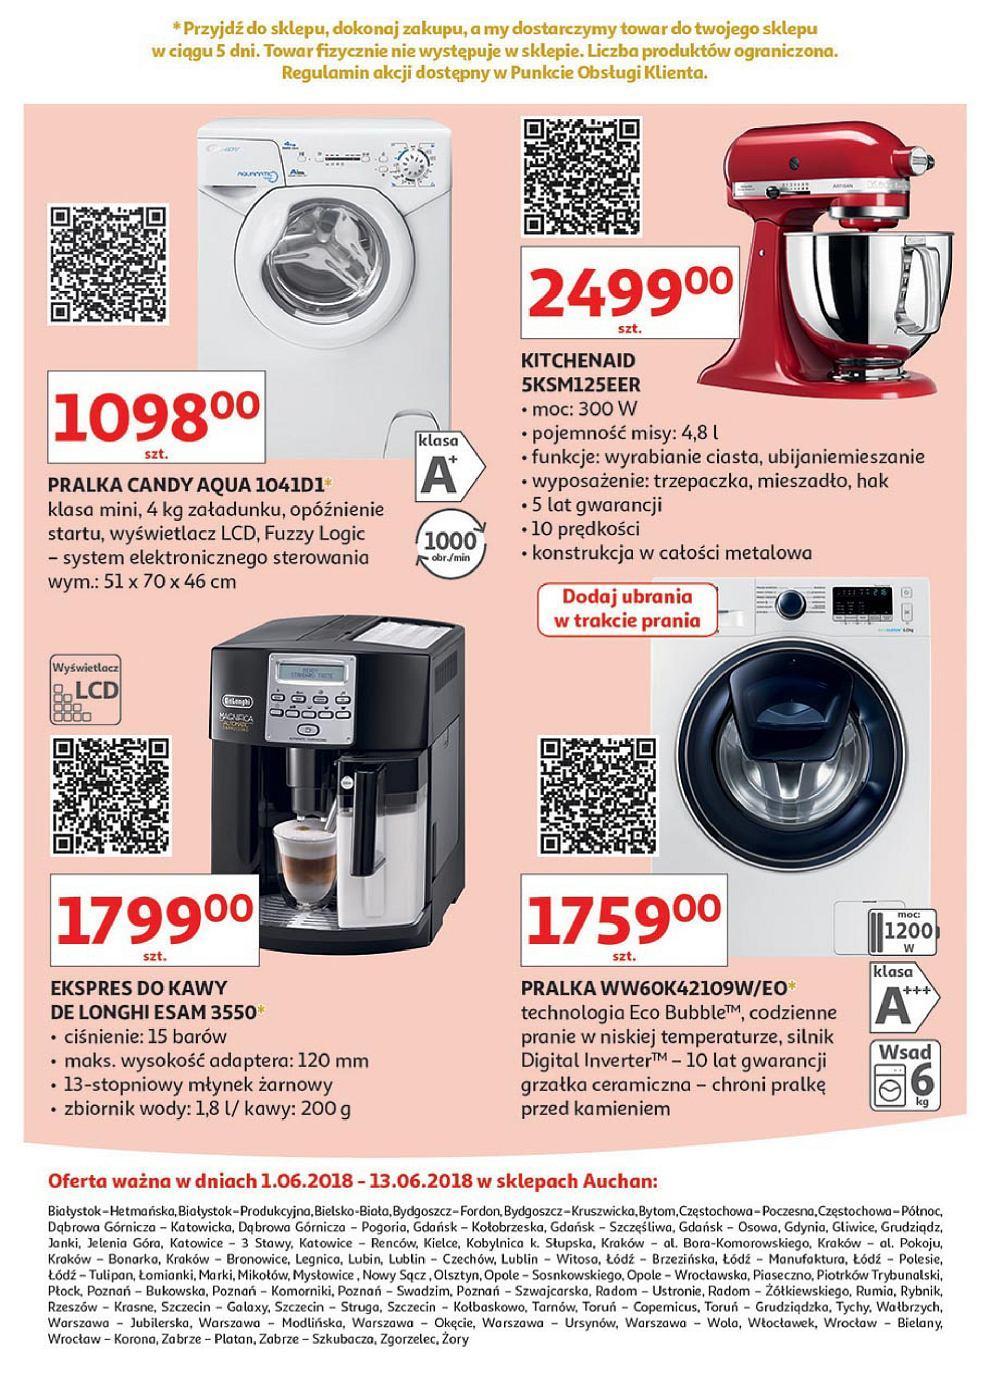 Gazetka promocyjna Auchan do 13/06/2018 str.16